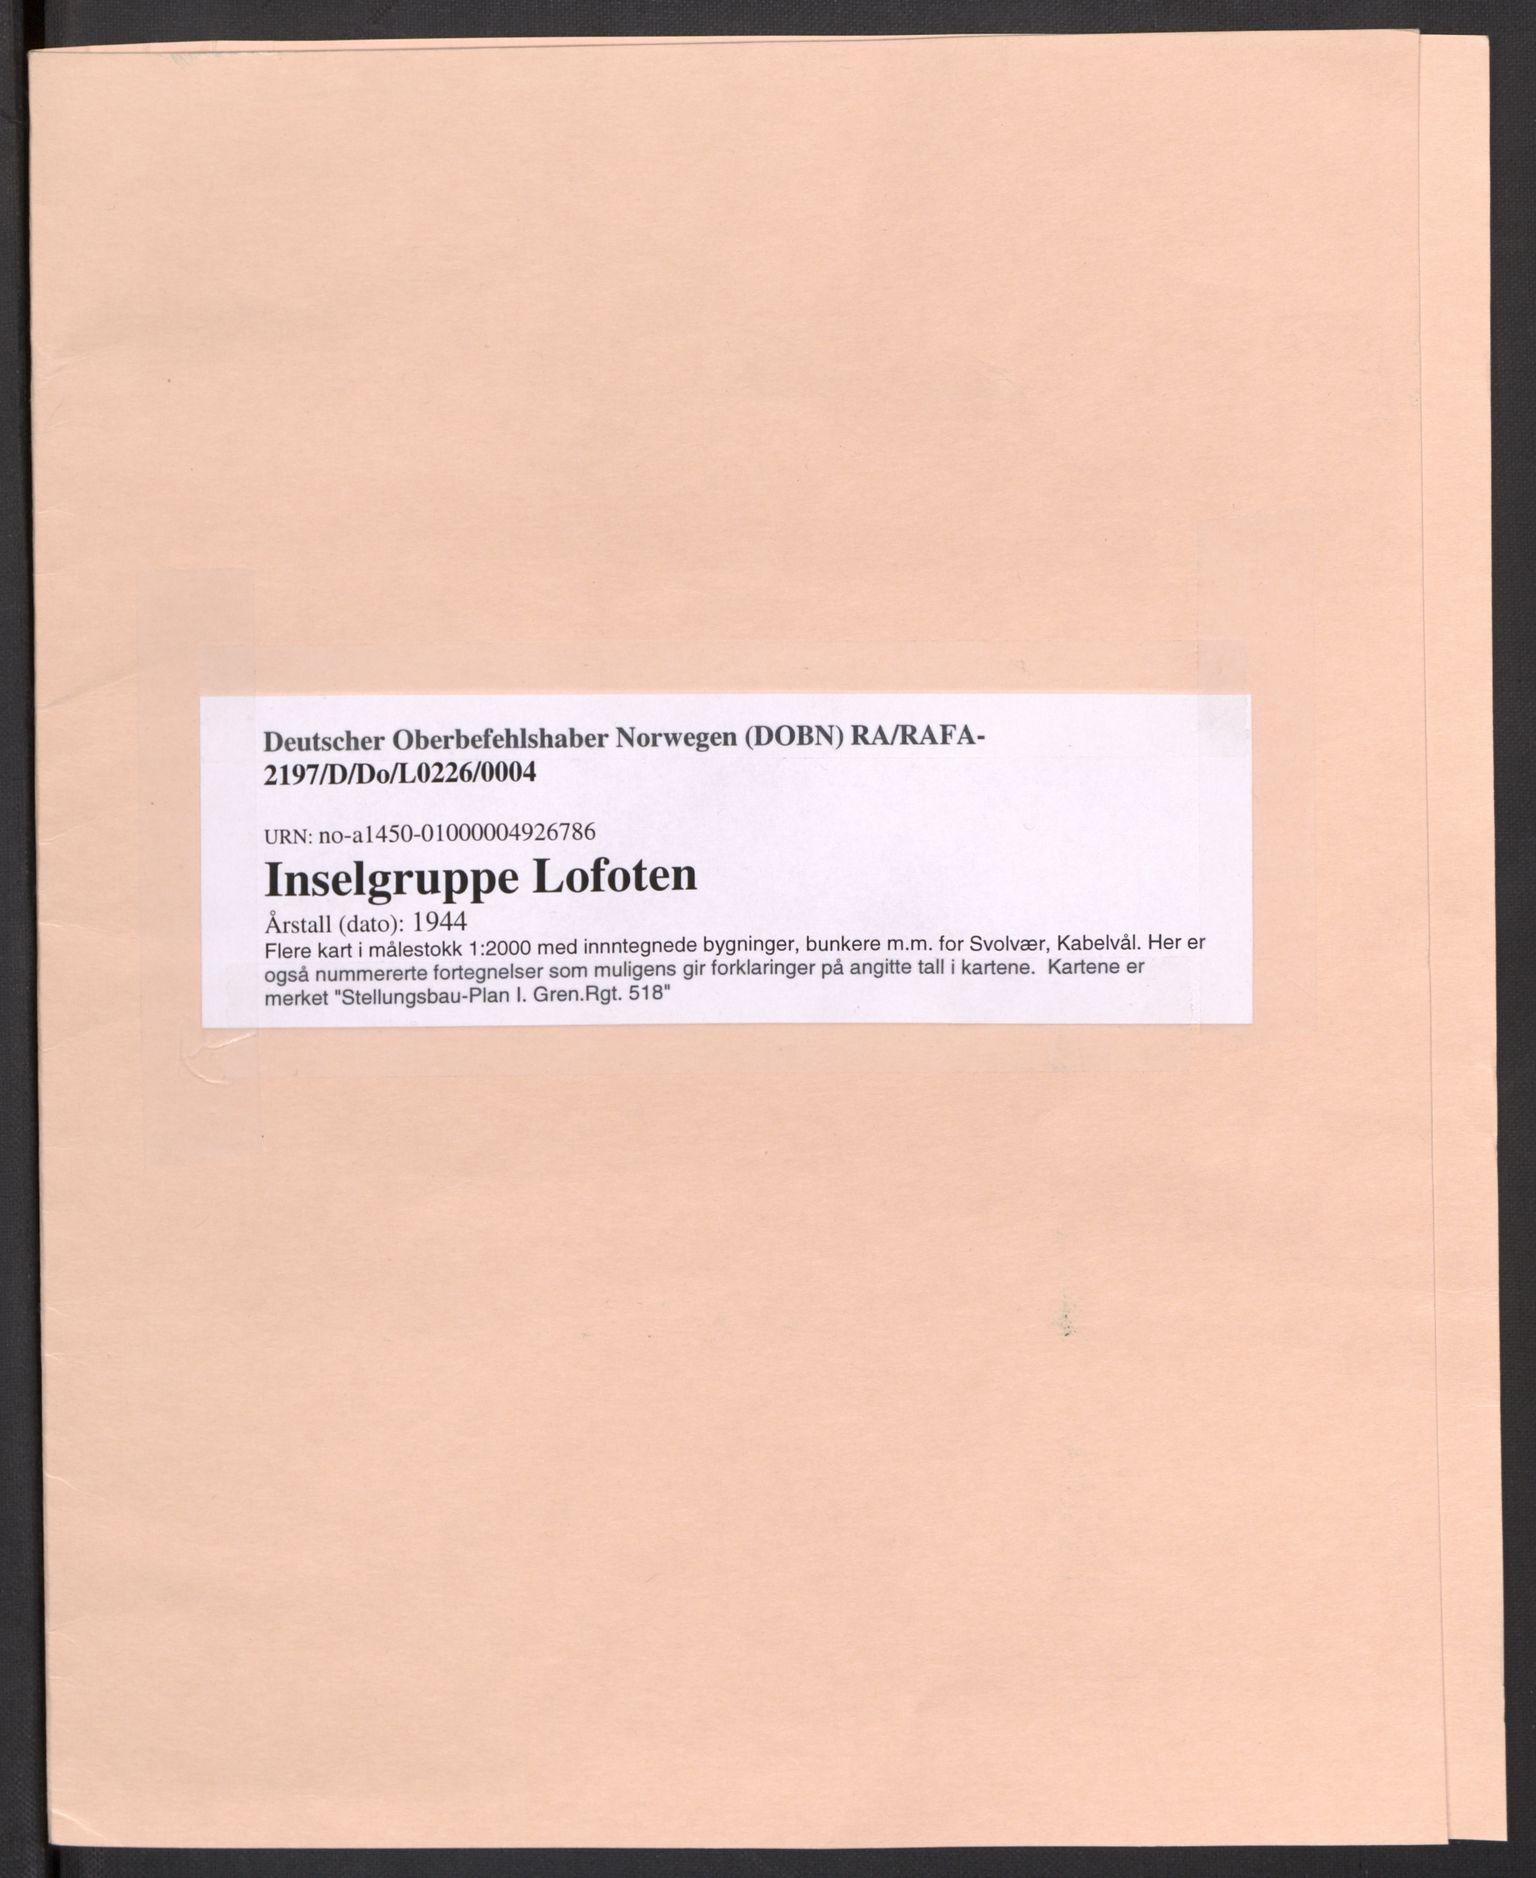 RA, Deutscher Oberbefehlshaber Norwegen (DOBN), D/Do/L0226: DBT Abt 1a, 1944